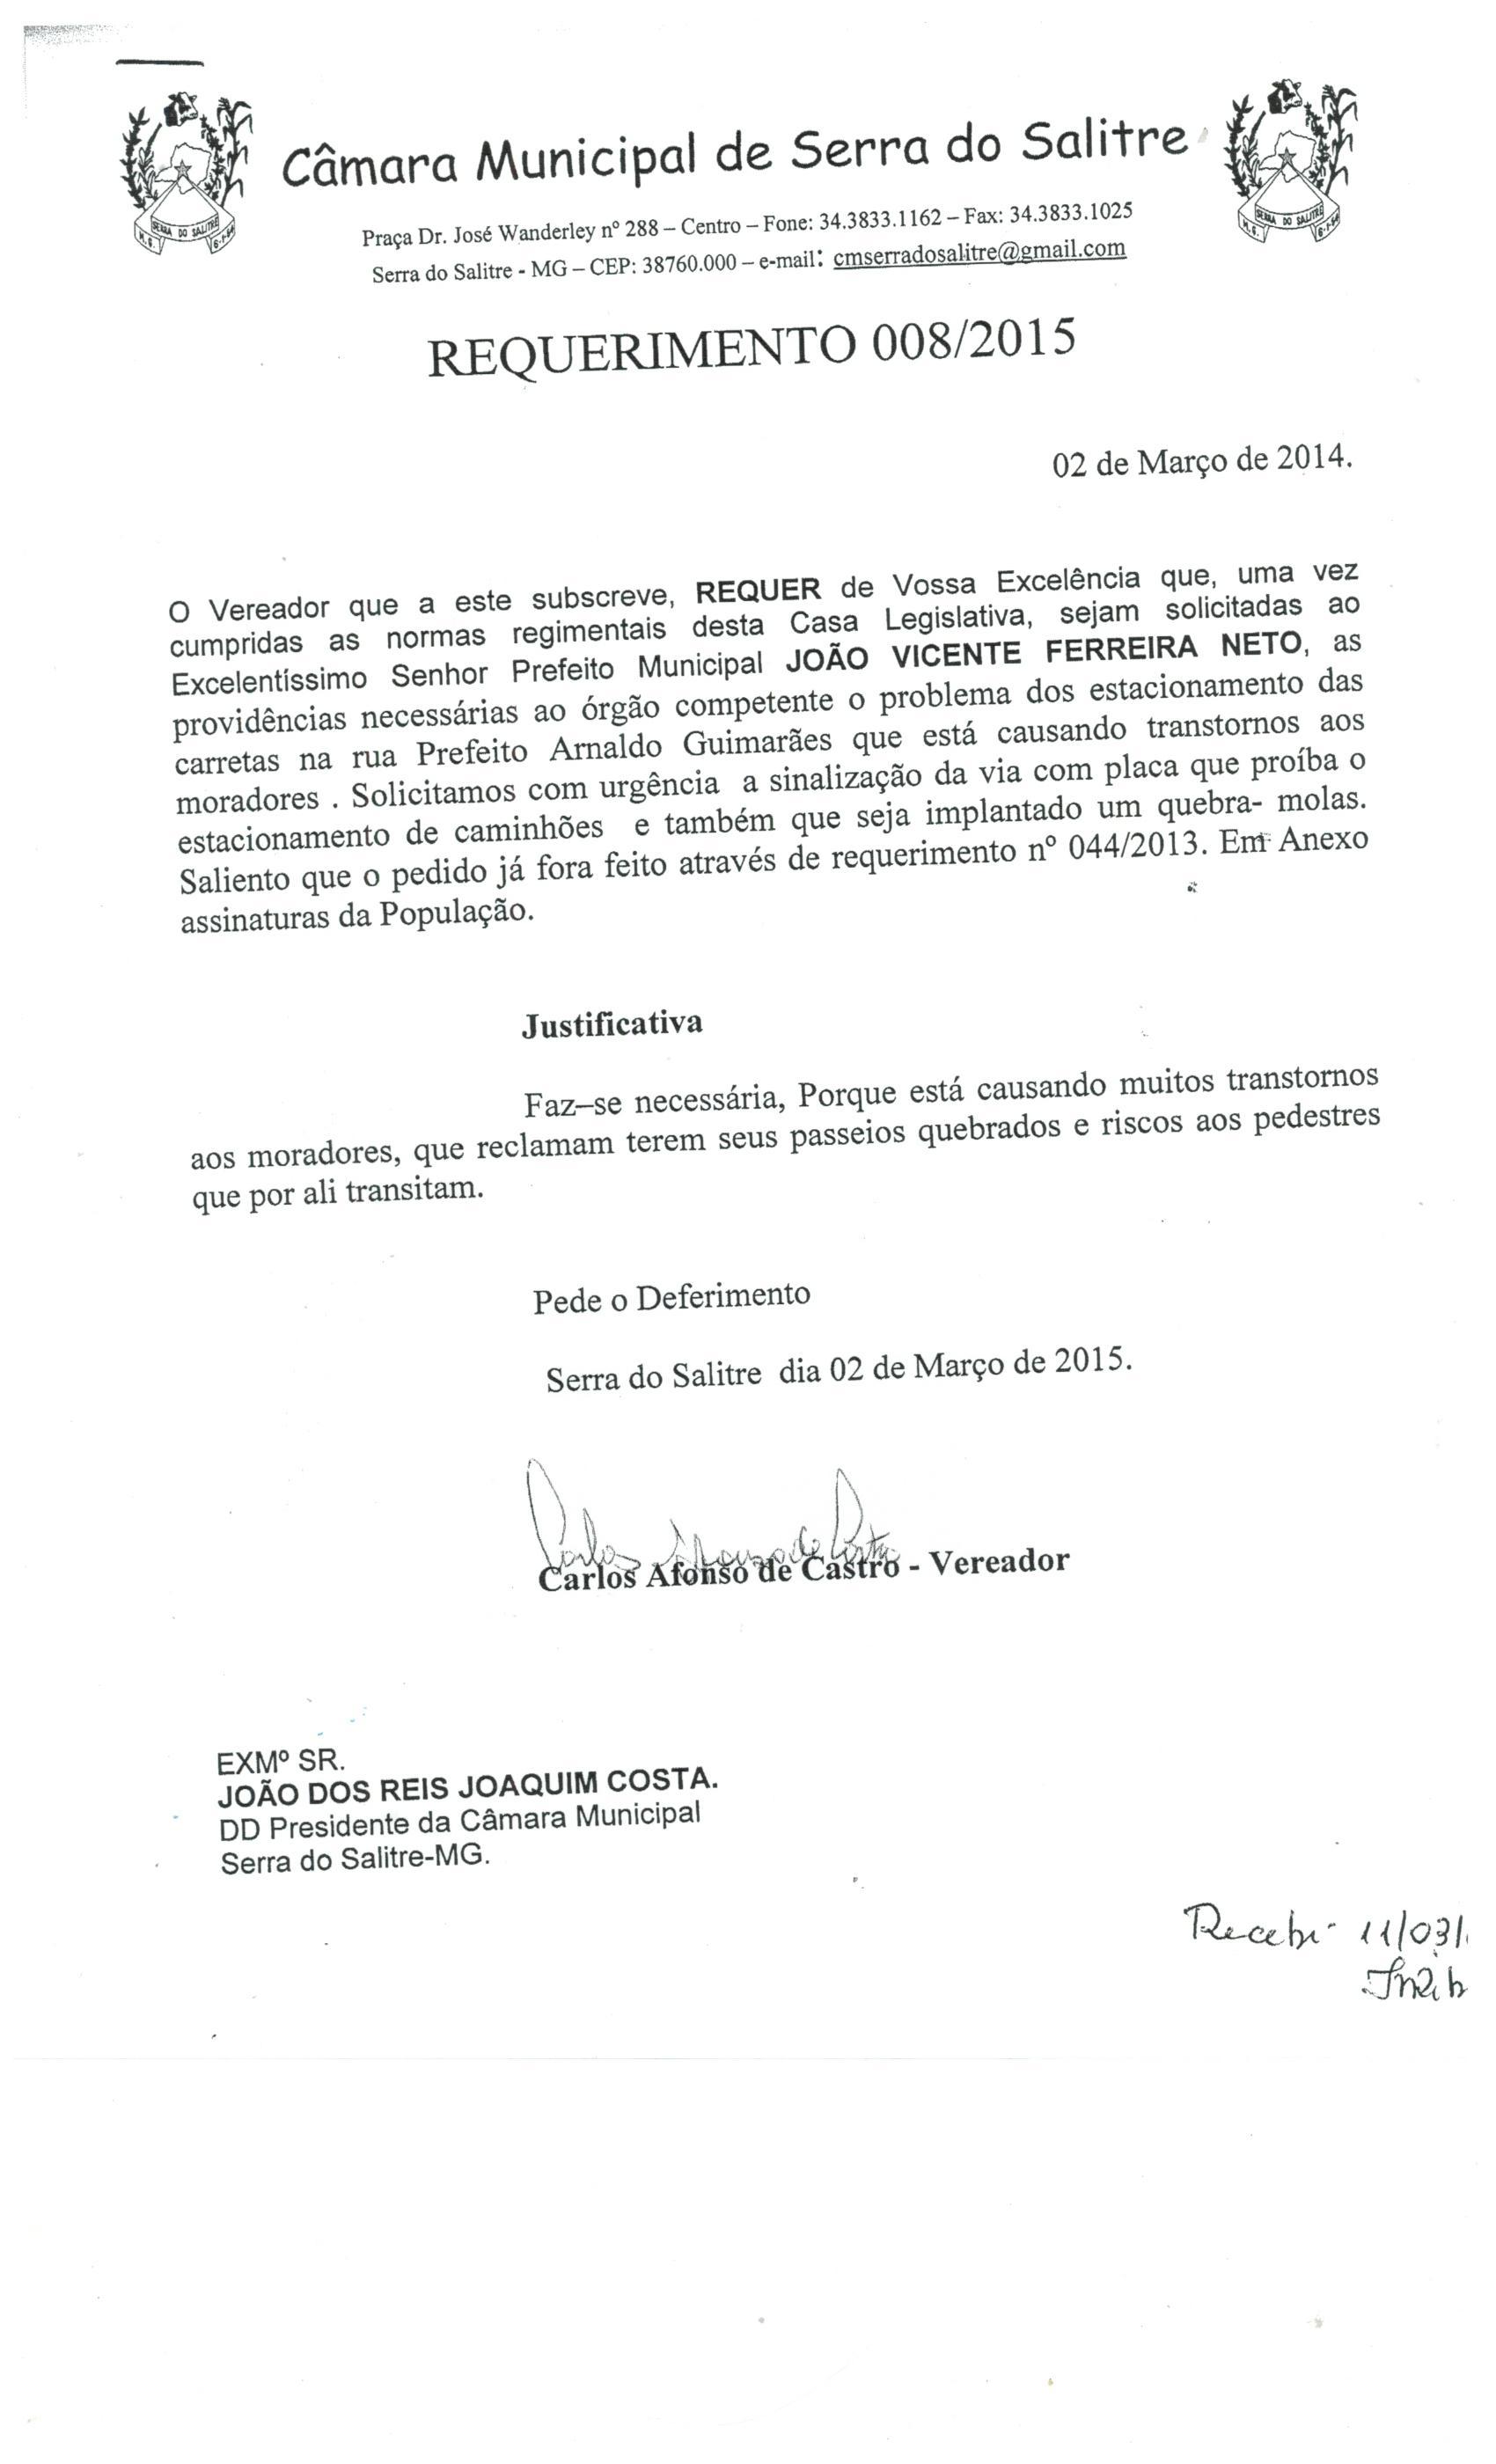 REQUERIMENTO_Nº_08.jpeg